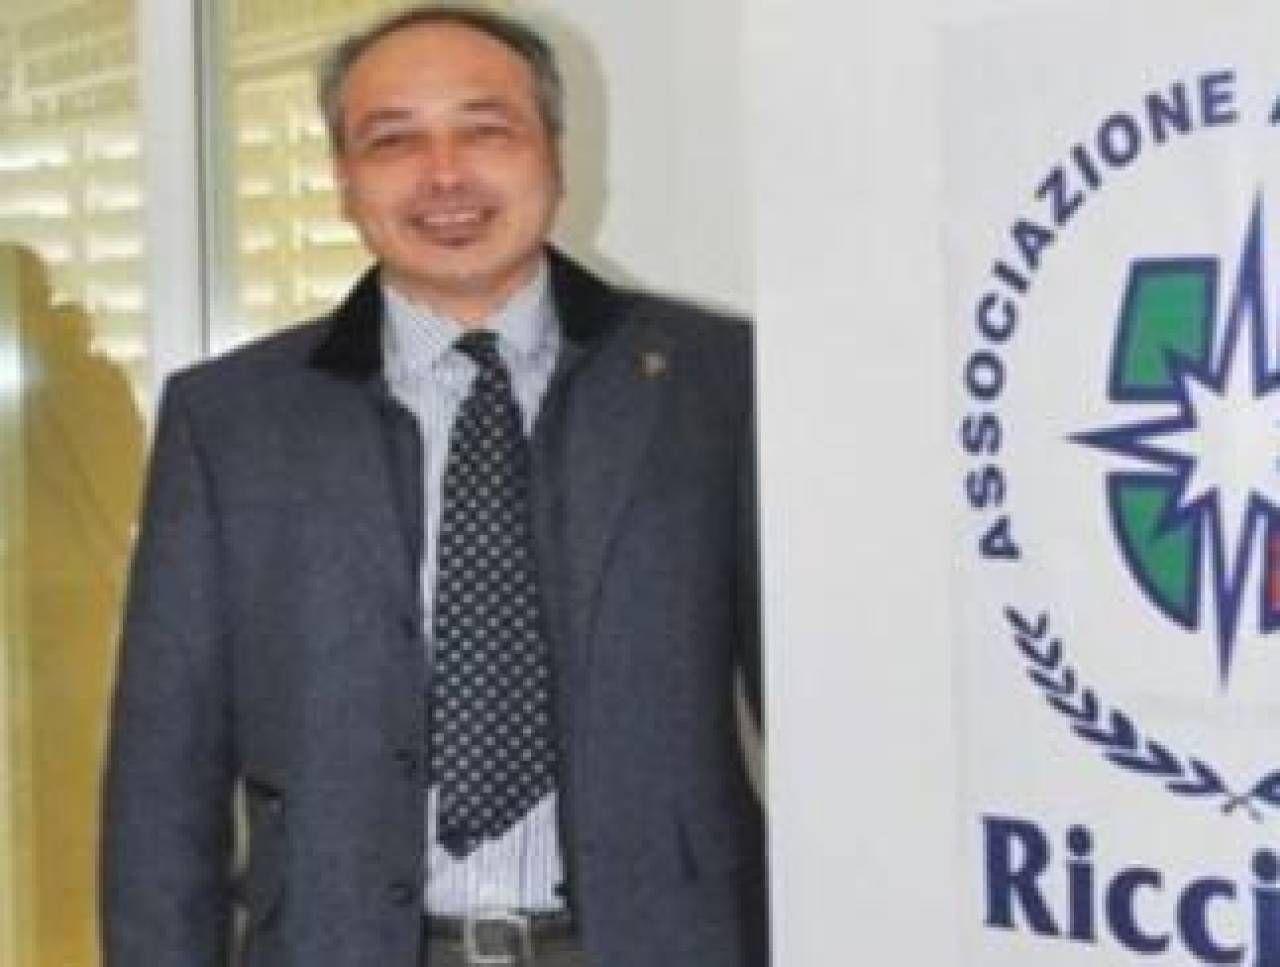 Bruno Bianchini è a capo della Federazione degli albergatori riccionesi